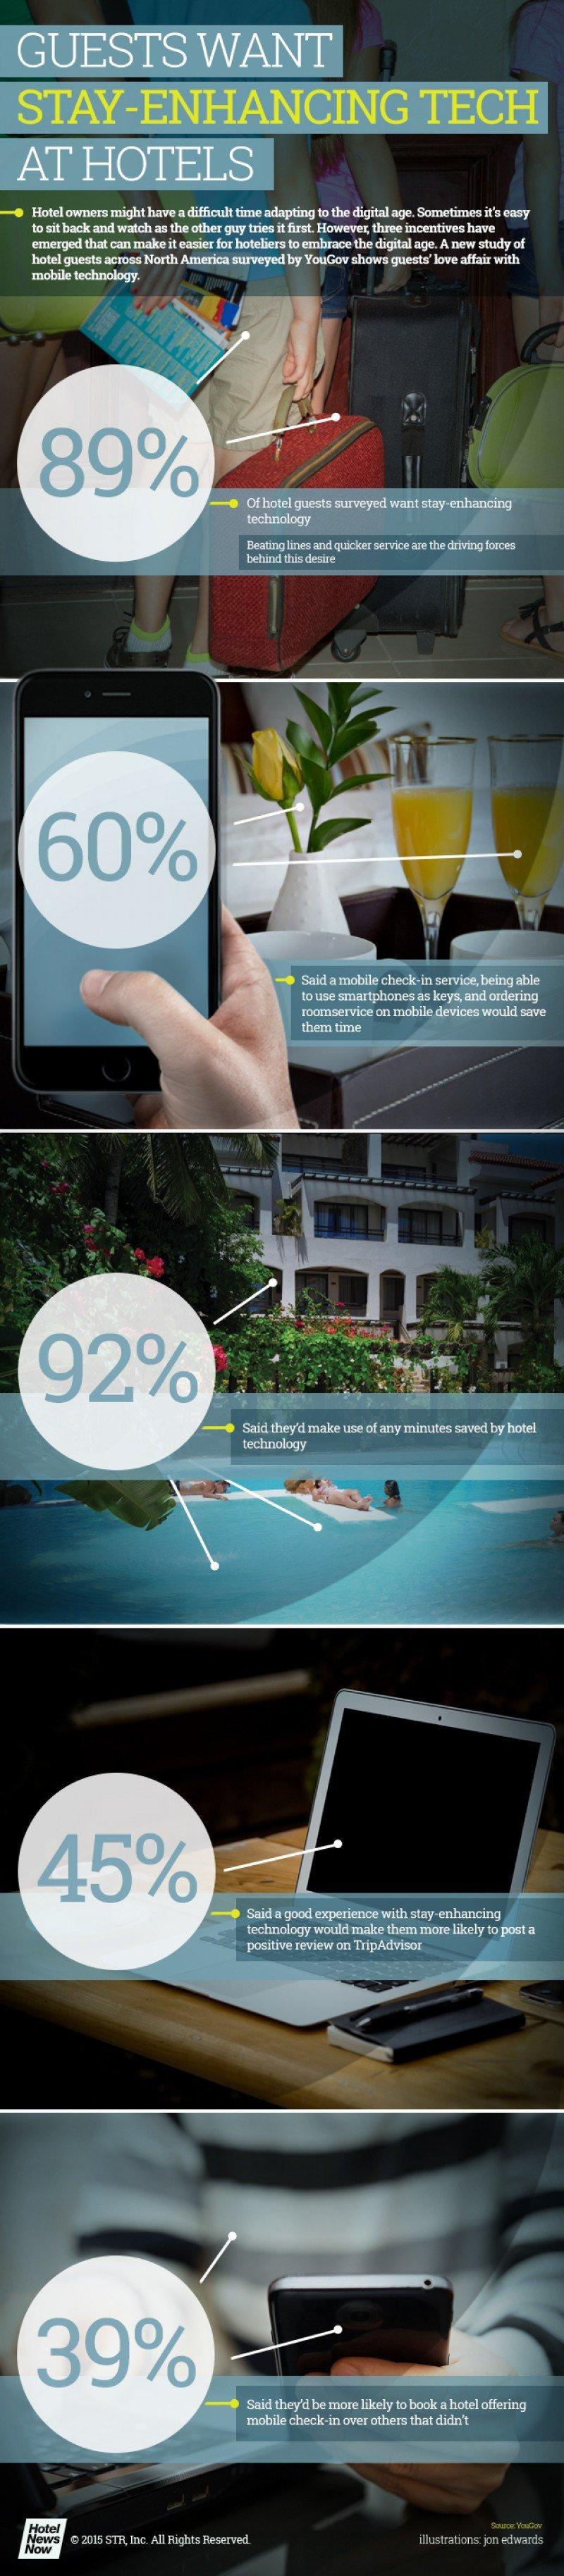 Infografía con los principales resultados del estudio realizado por YouGov. Fuente: HotelNewsNow.